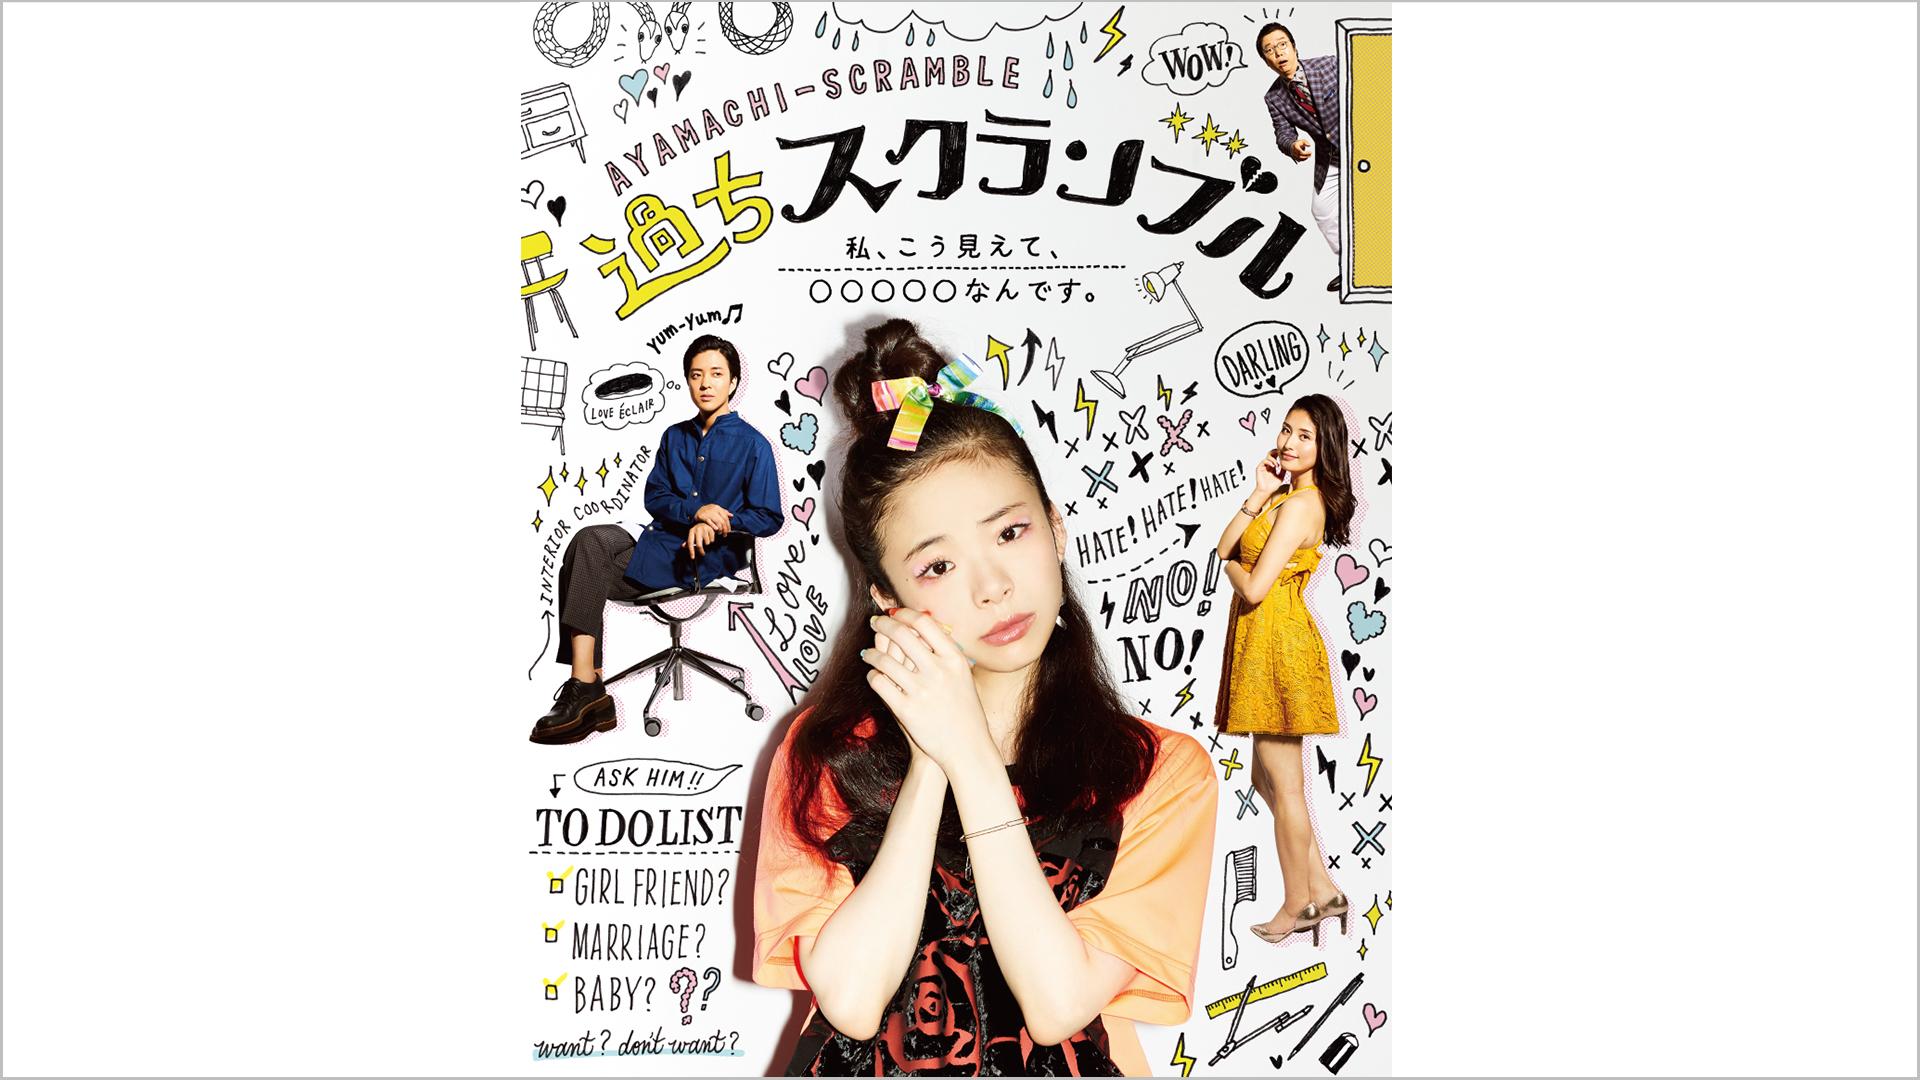 オリジナルドラマ「過ちスクランブル」#5   緊急発進するオトナのラブコメ!!?